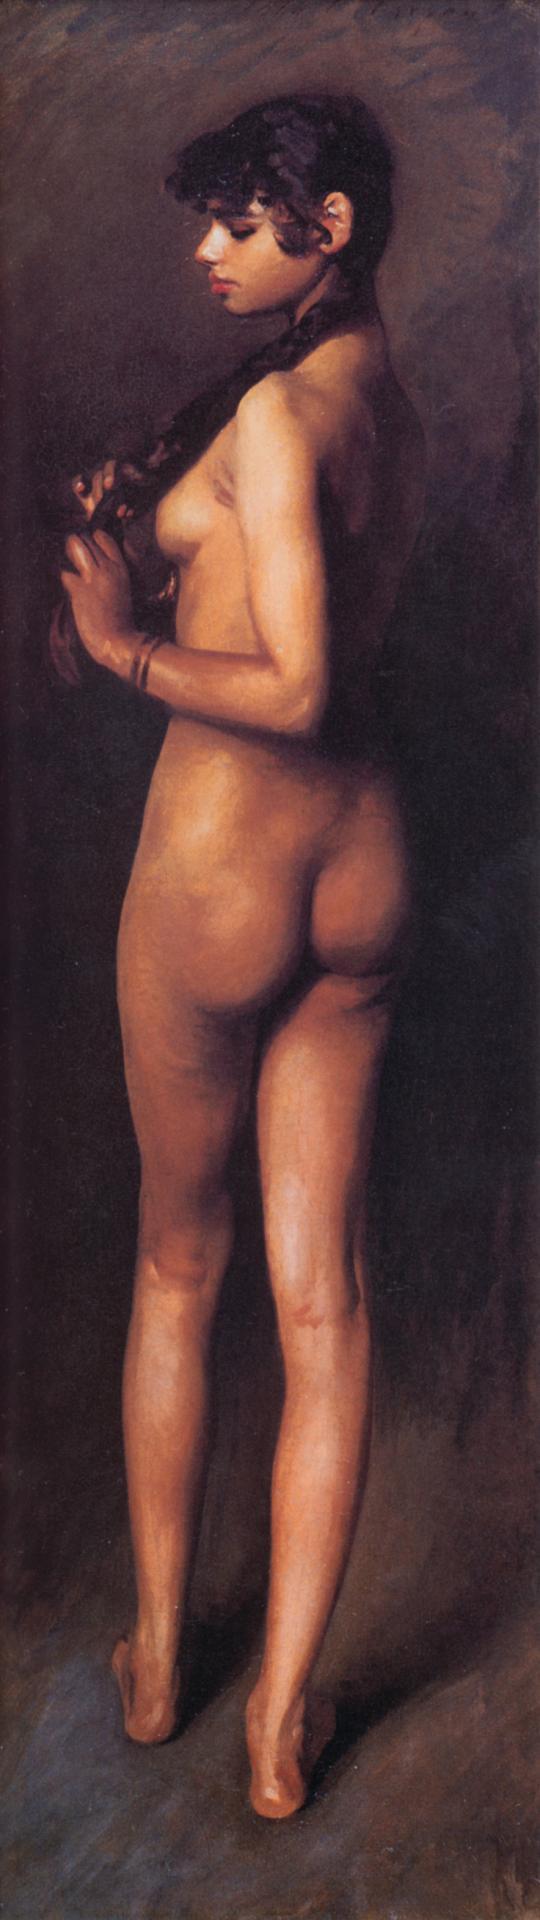 Ca s'est passé en avril ! John-singer-sargent-nu-d-apres-nature-jeune-fille-egyptienne-nue-1891